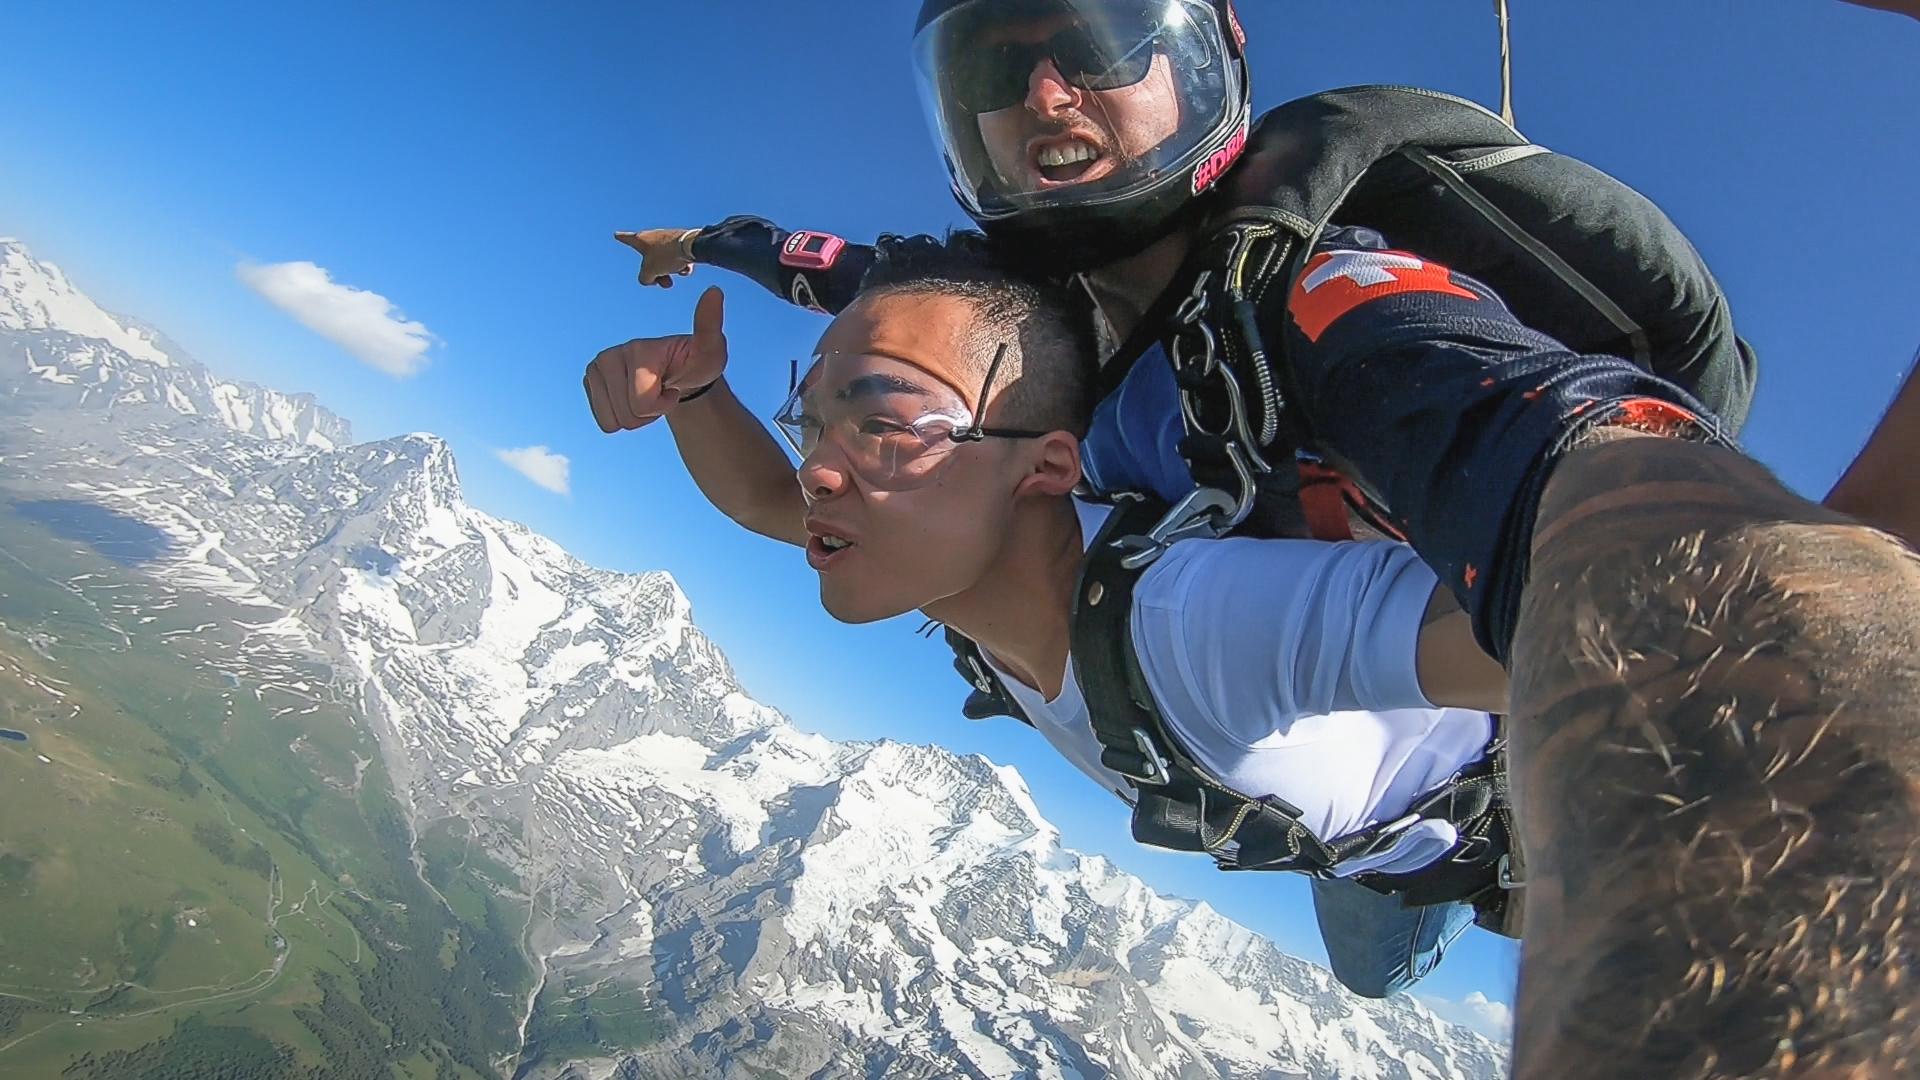 5 أنشطة سياحية يمكن القيام بها في سكاي ديف في انترلاكن سويسرا